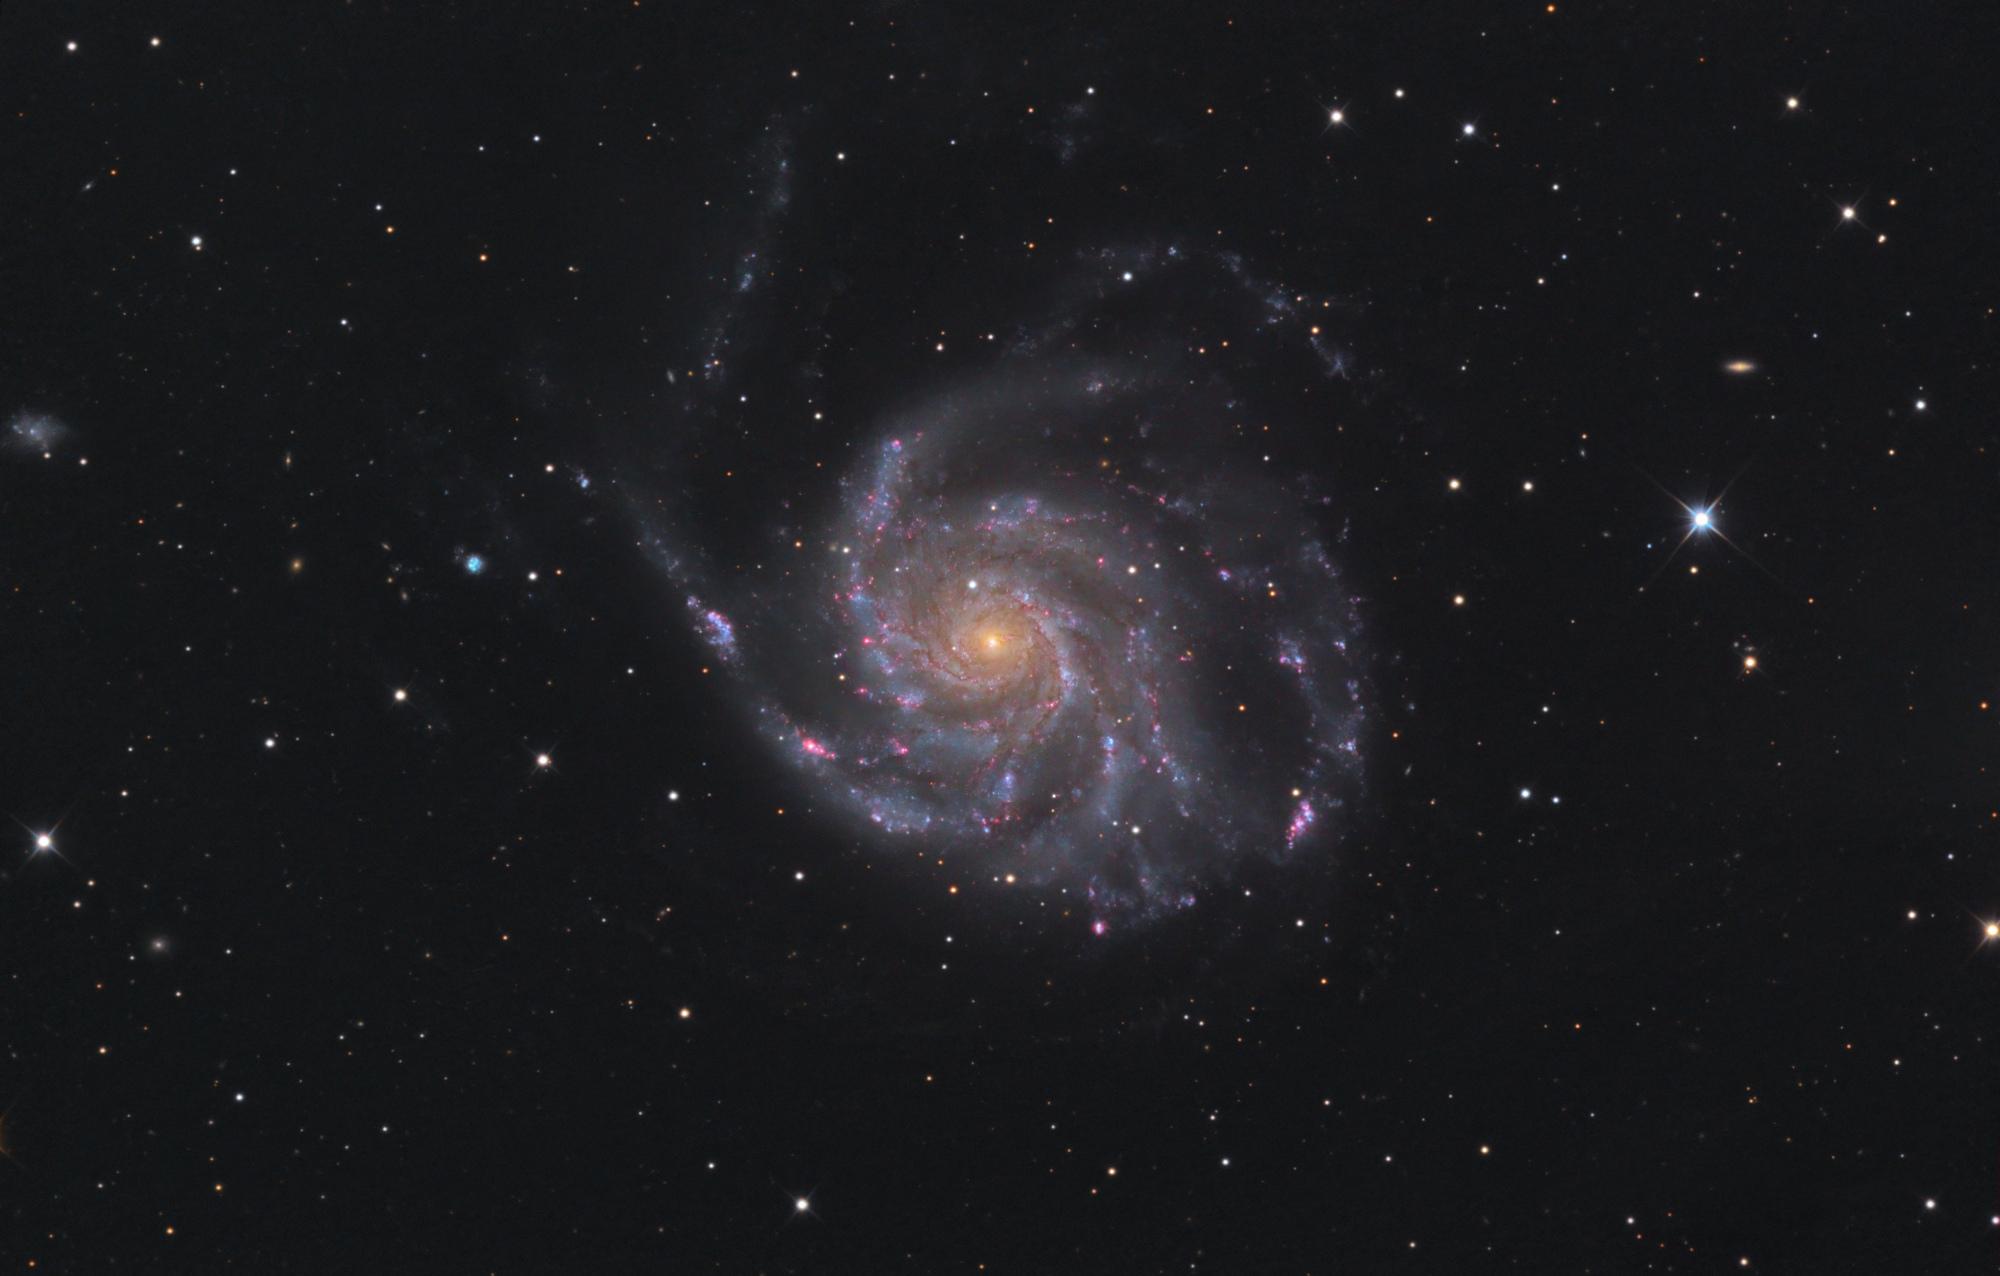 M101-Newthom-T-Bexant.thumb.jpg.e11d7f8091fb101c14516e08a4e13e07.jpg